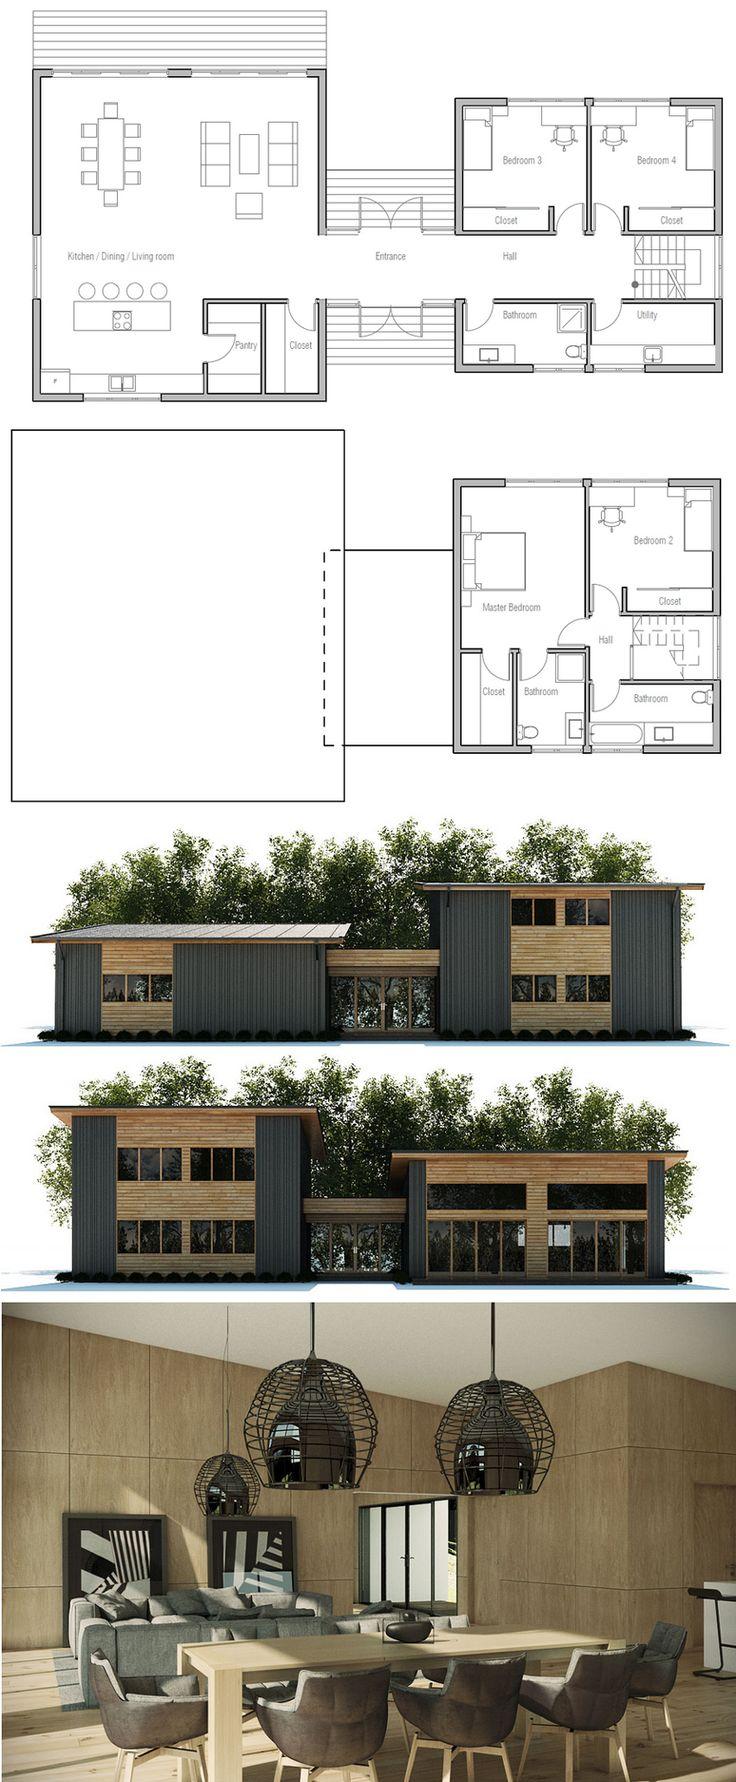 140m2 House Ground Plan Zion Star